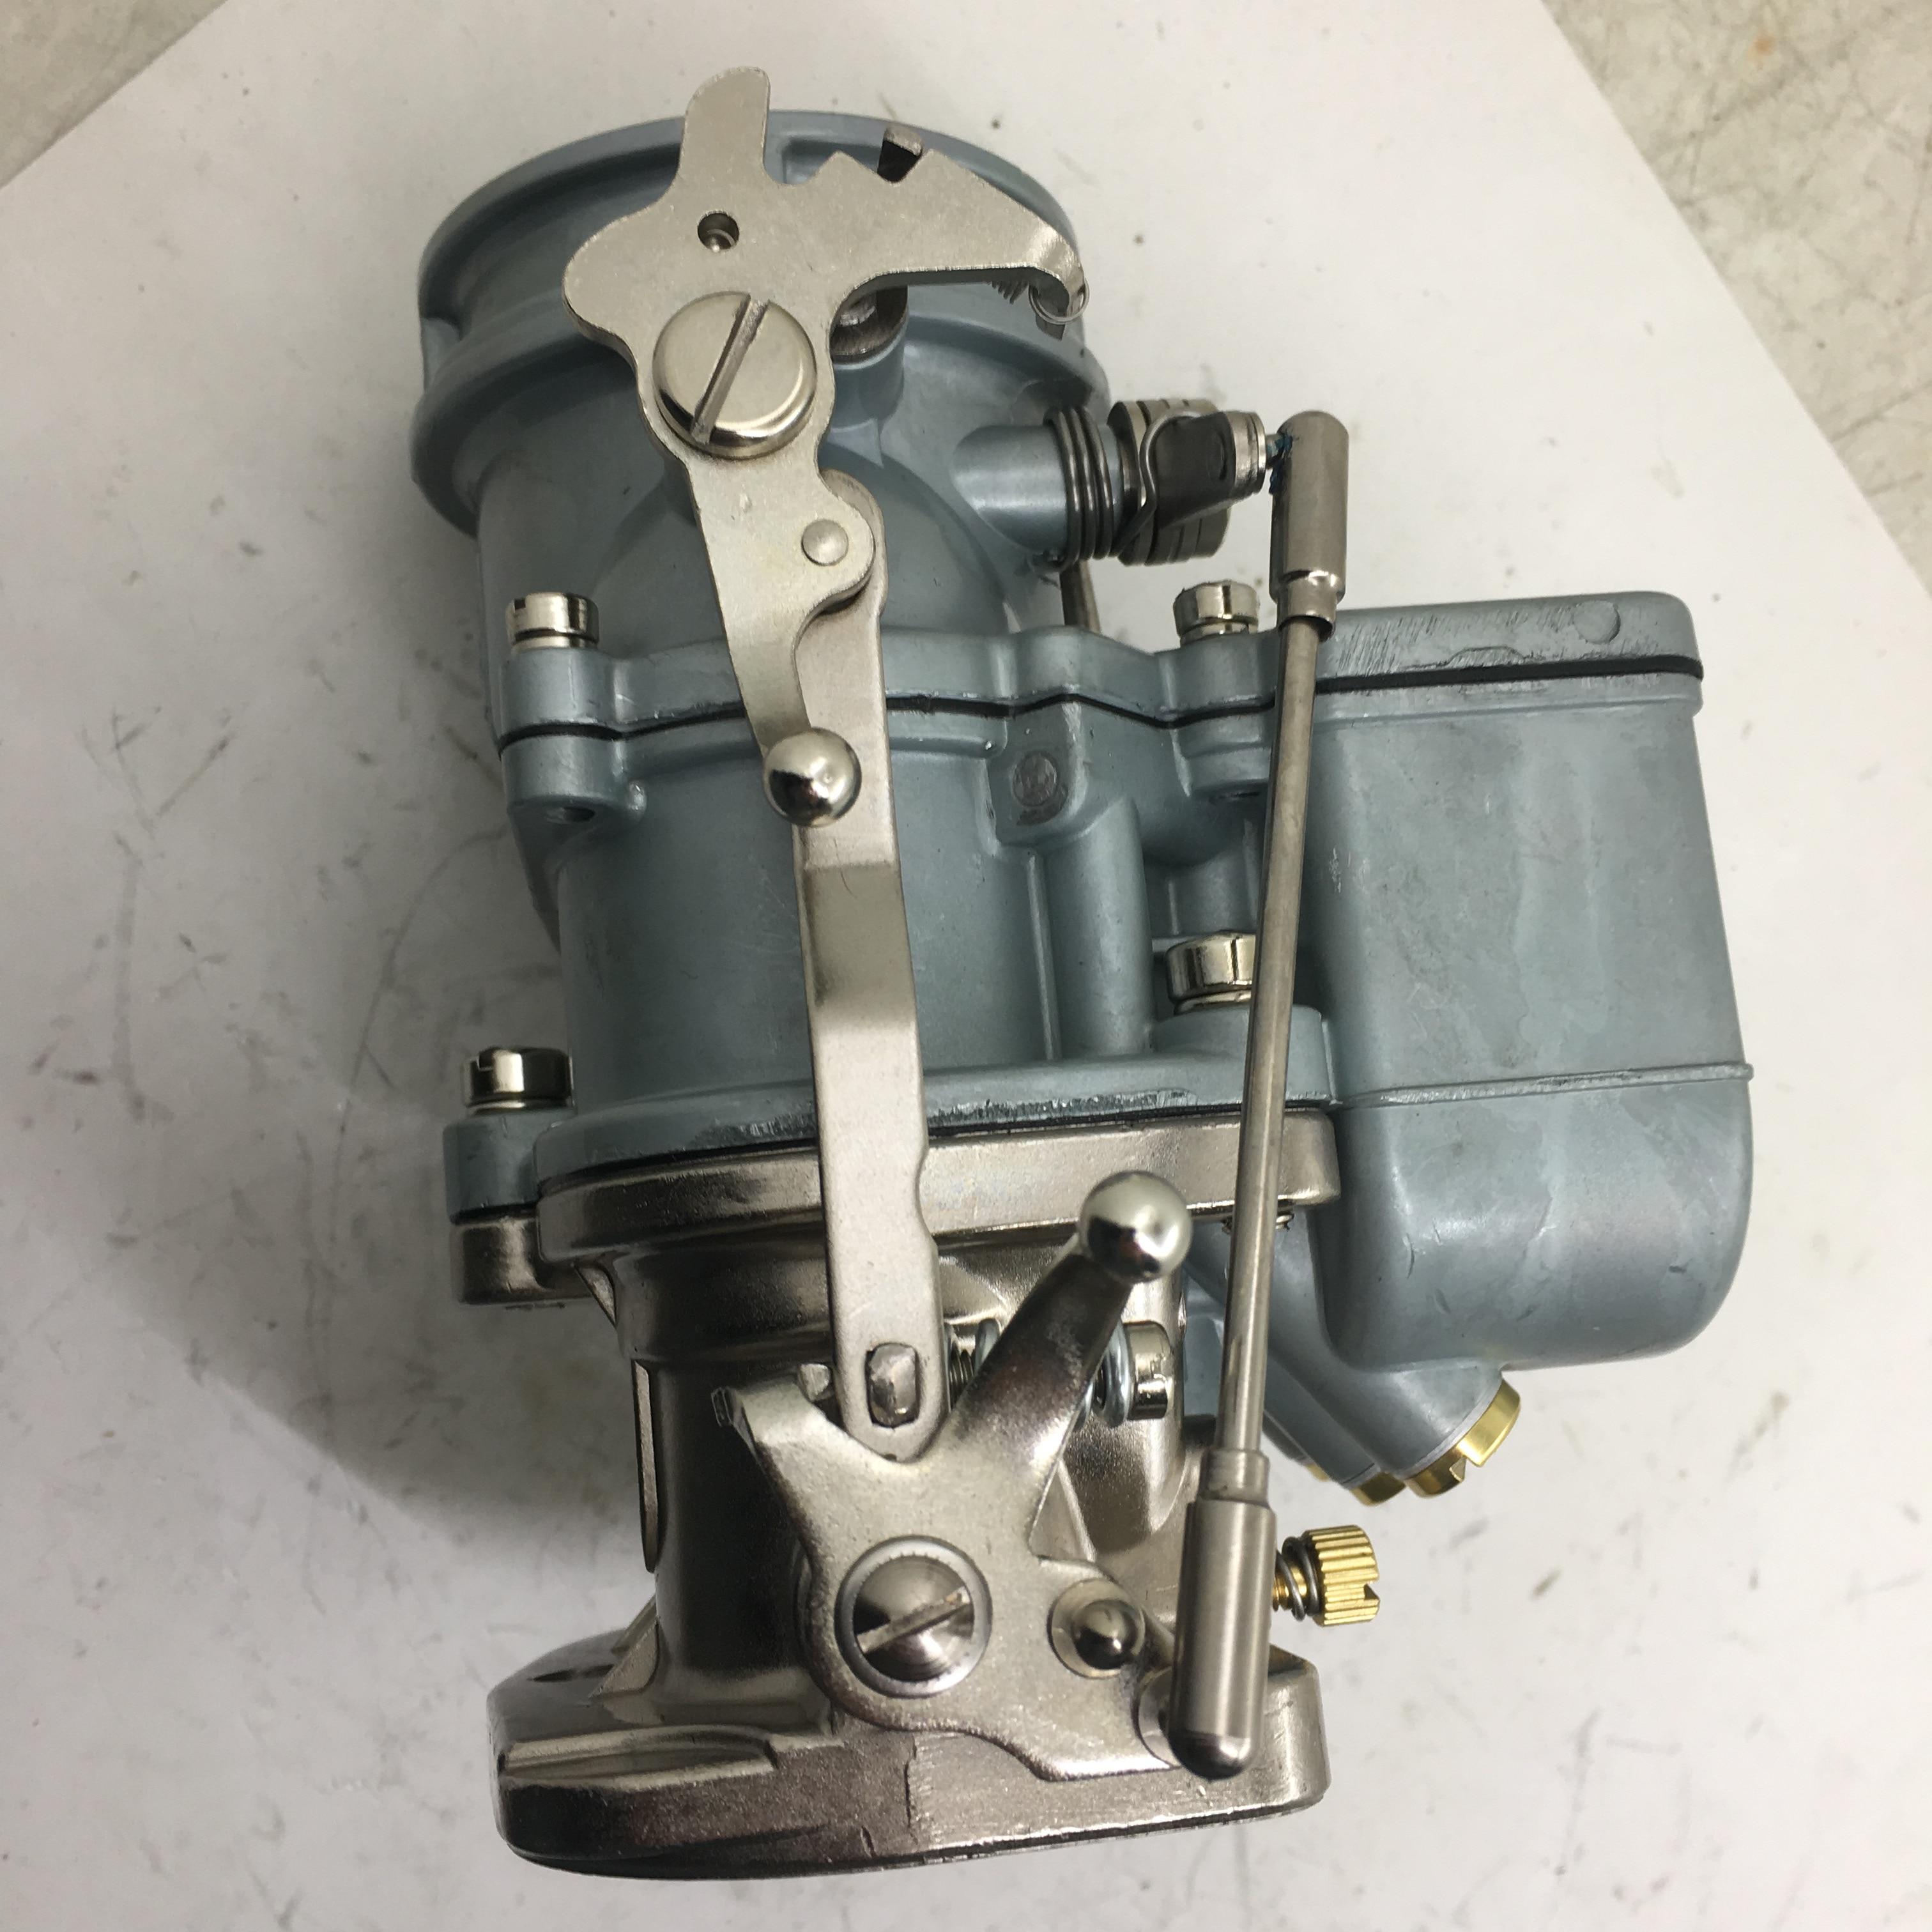 O carburador quente do oem da haste de sherryberg para o carburador do carburador do carb da cabeça chata de ford super 97 natural termina 2-bbl 97 substitui stromberg